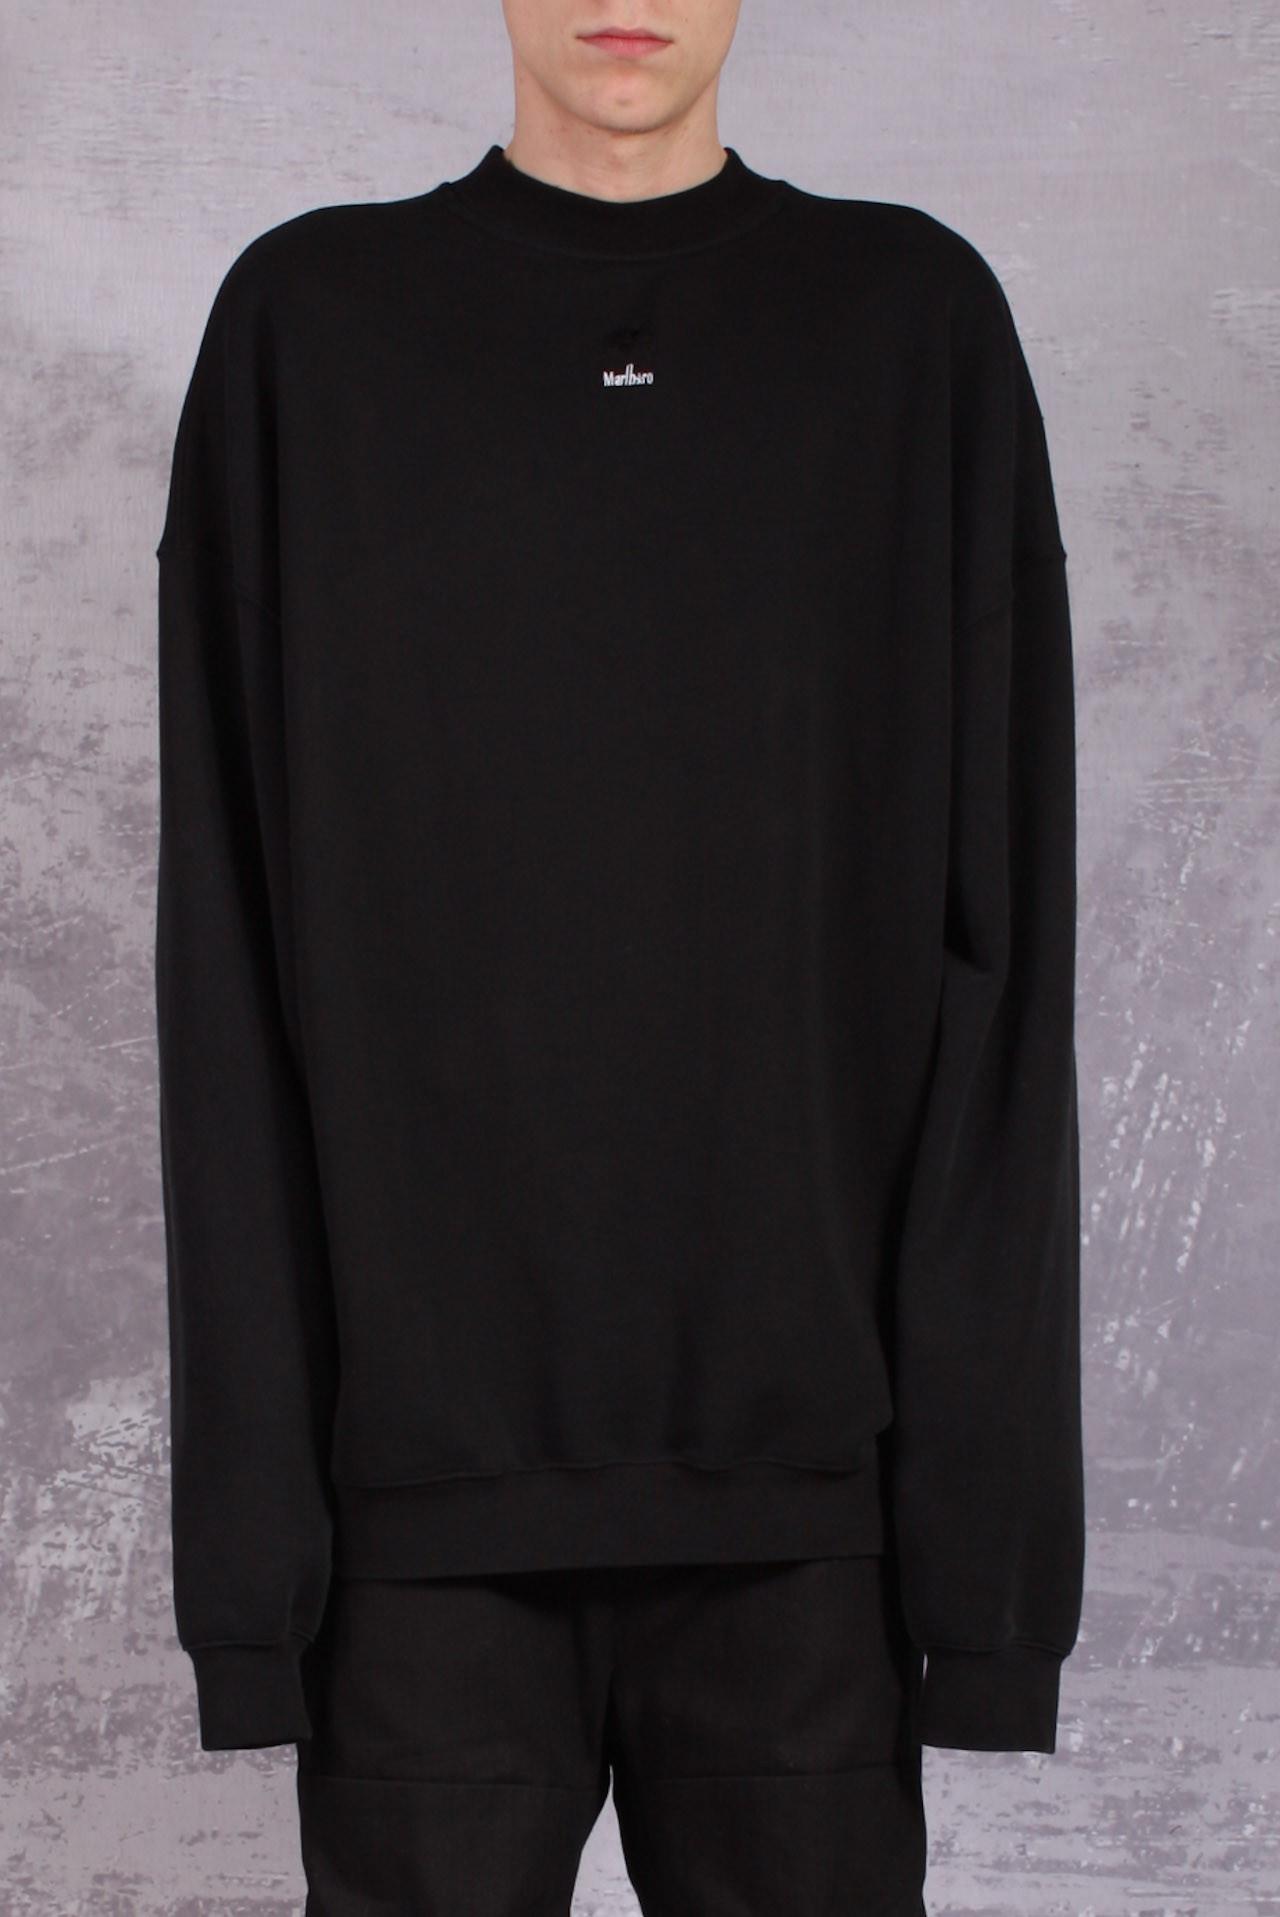 Sagittaire A sweater